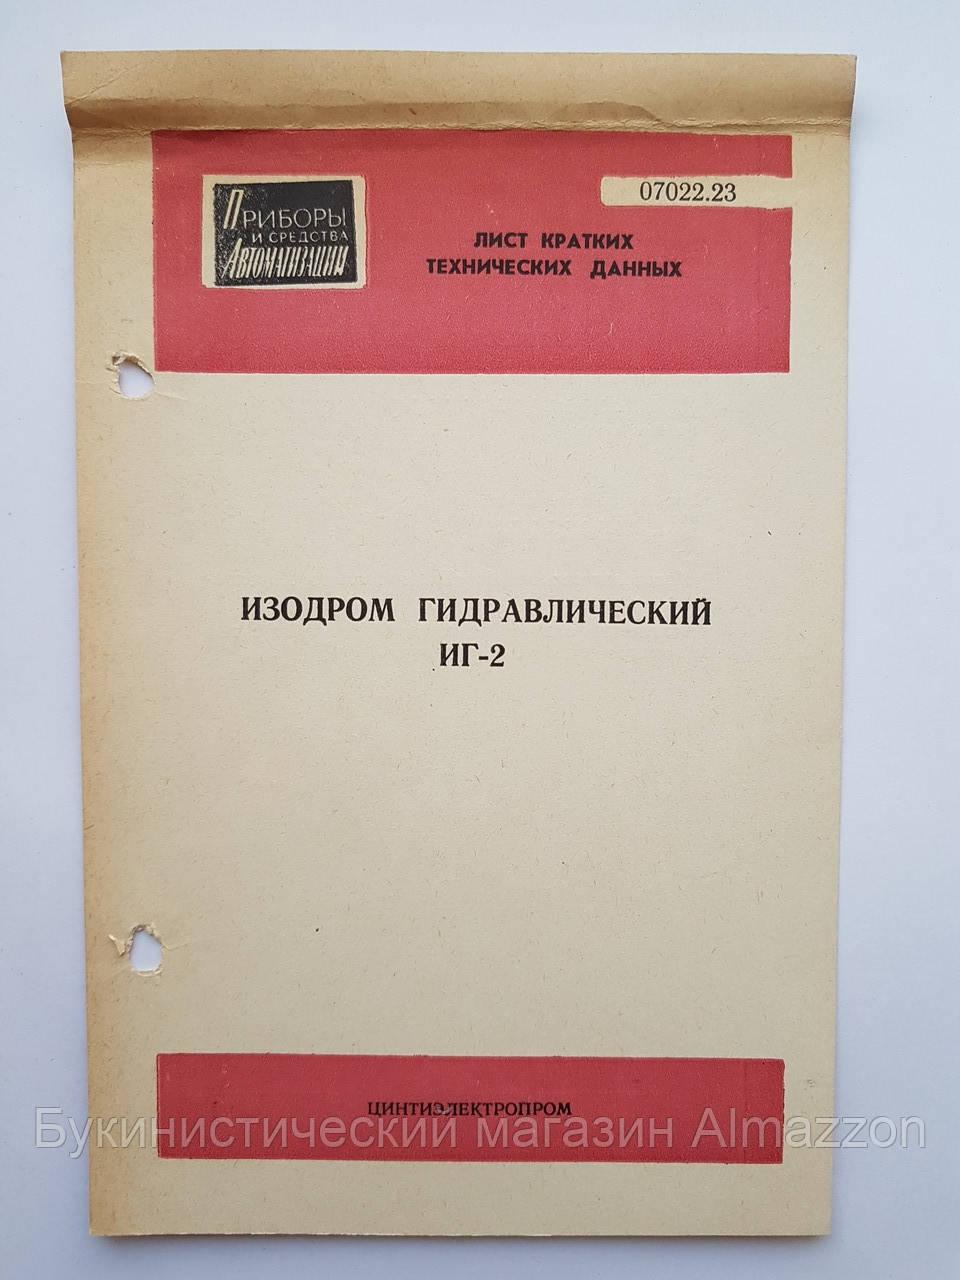 """Лист кратких технических данных """"Изодром гидравлический ИГ-2  07022.23"""""""